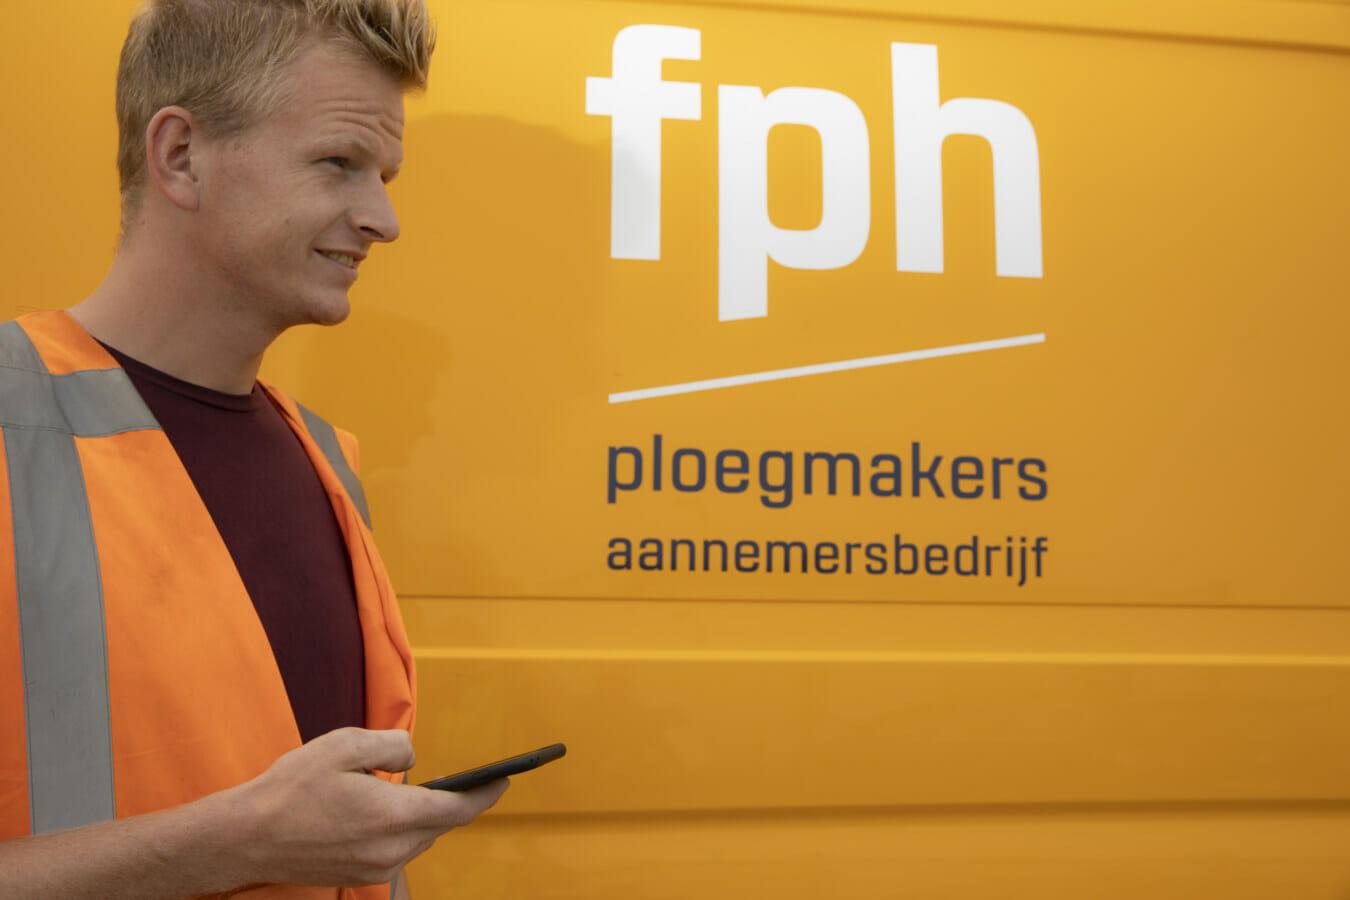 Werken bij fph